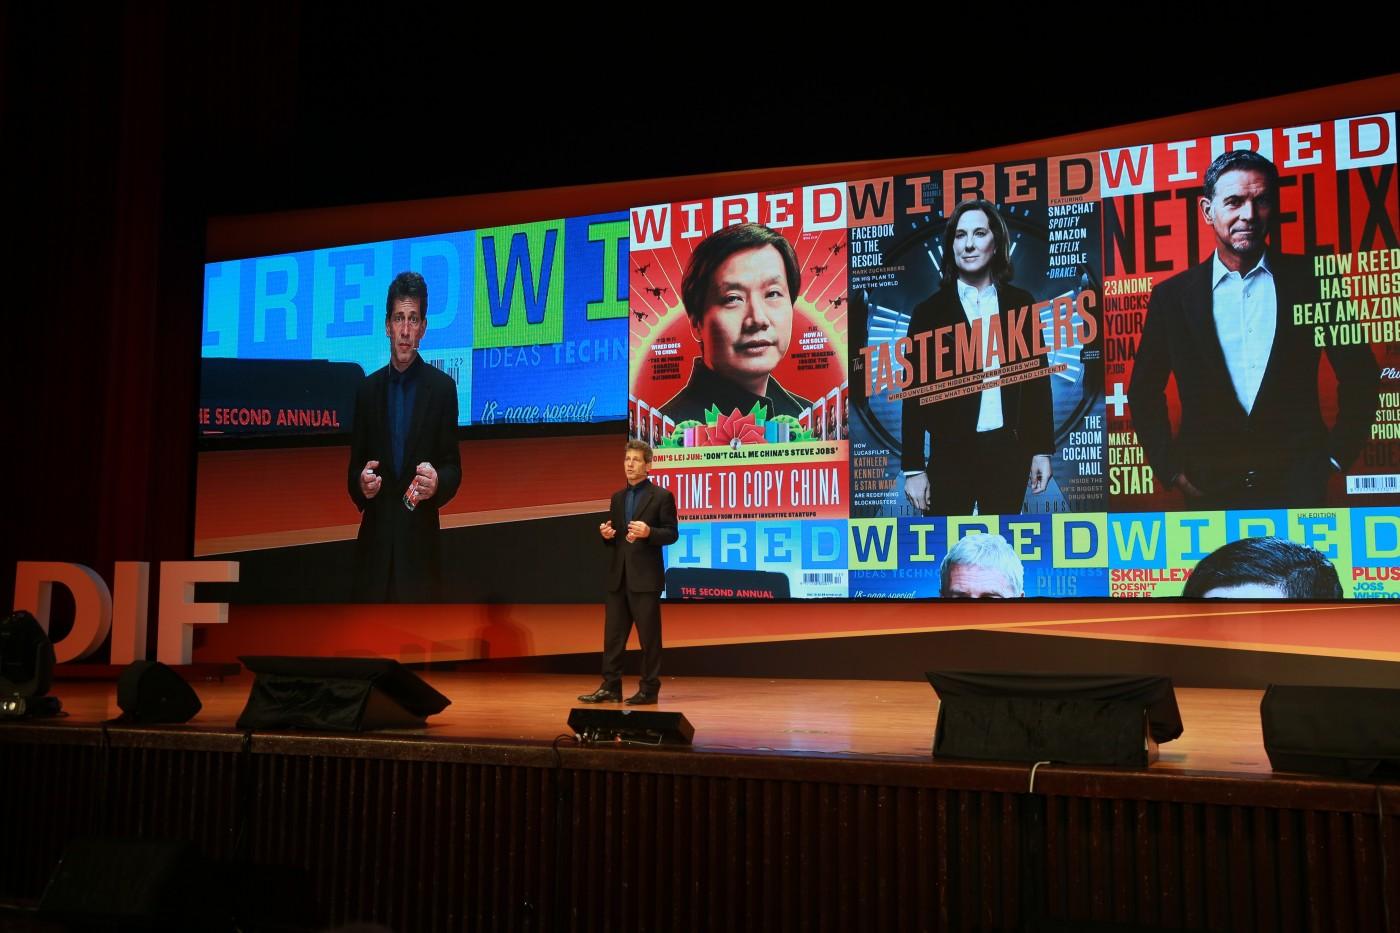 看看當初被微軟CEO嘲笑的iPhone!《WIRED》總編給台灣的7個啟示